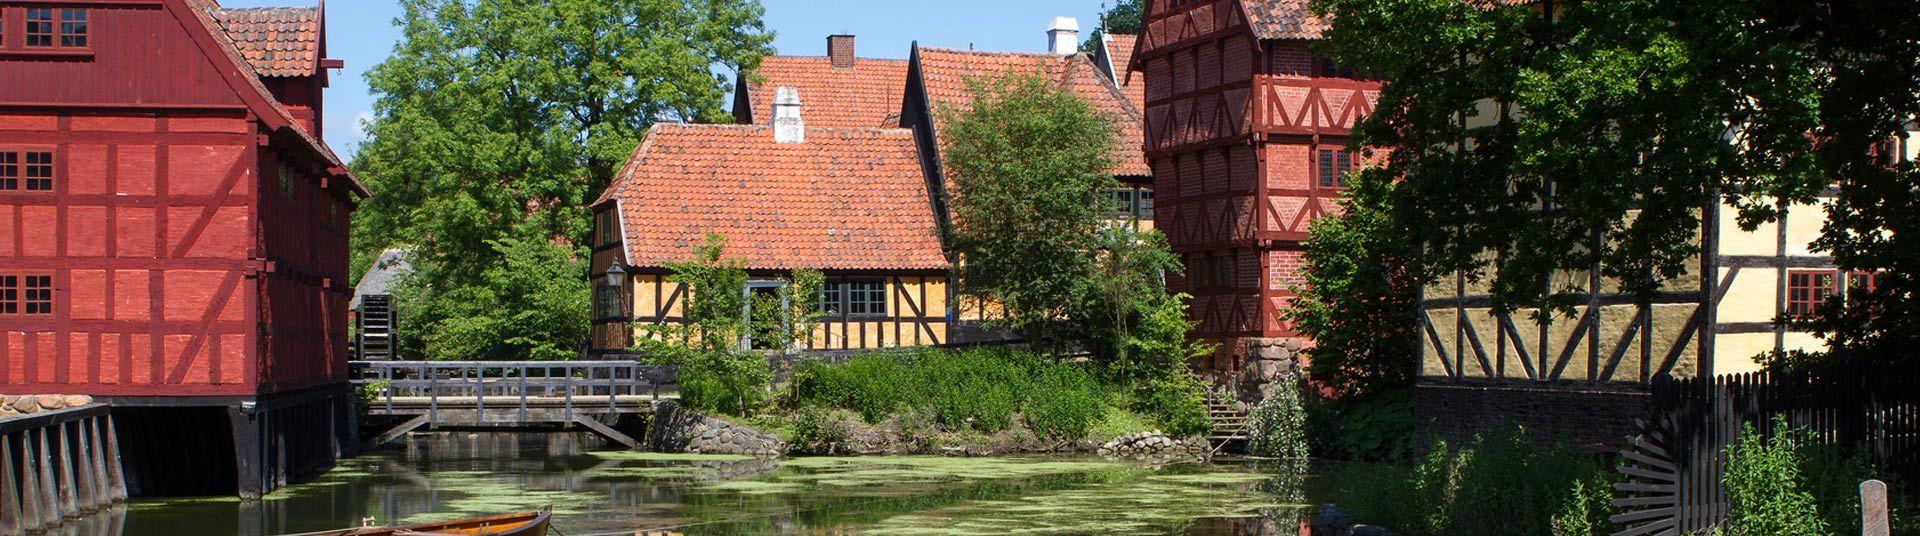 en ligne de rencontres Aarhus datant vieilles cannettes de bière